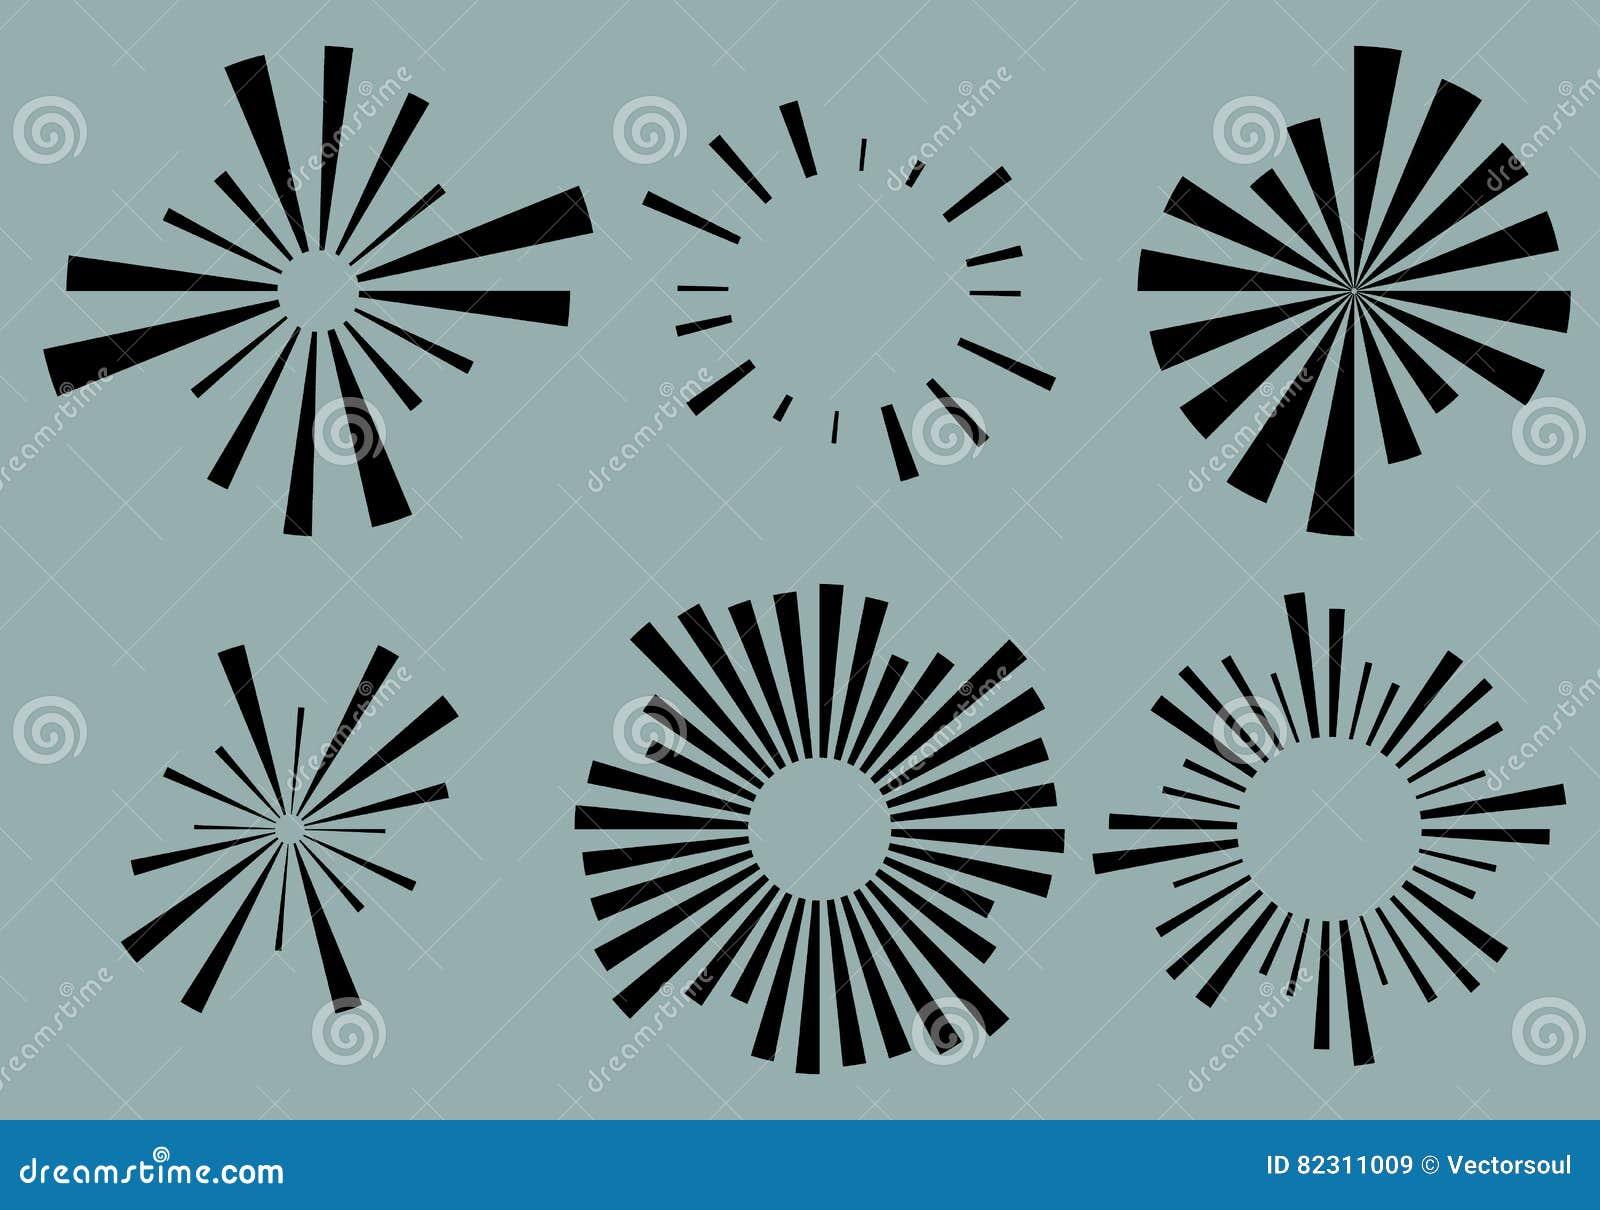 Σύνολο 6 ακτινωτές γραμμές, ακτίνες, στοιχεία ακτίνων Διάφορο starburst, ήλιος